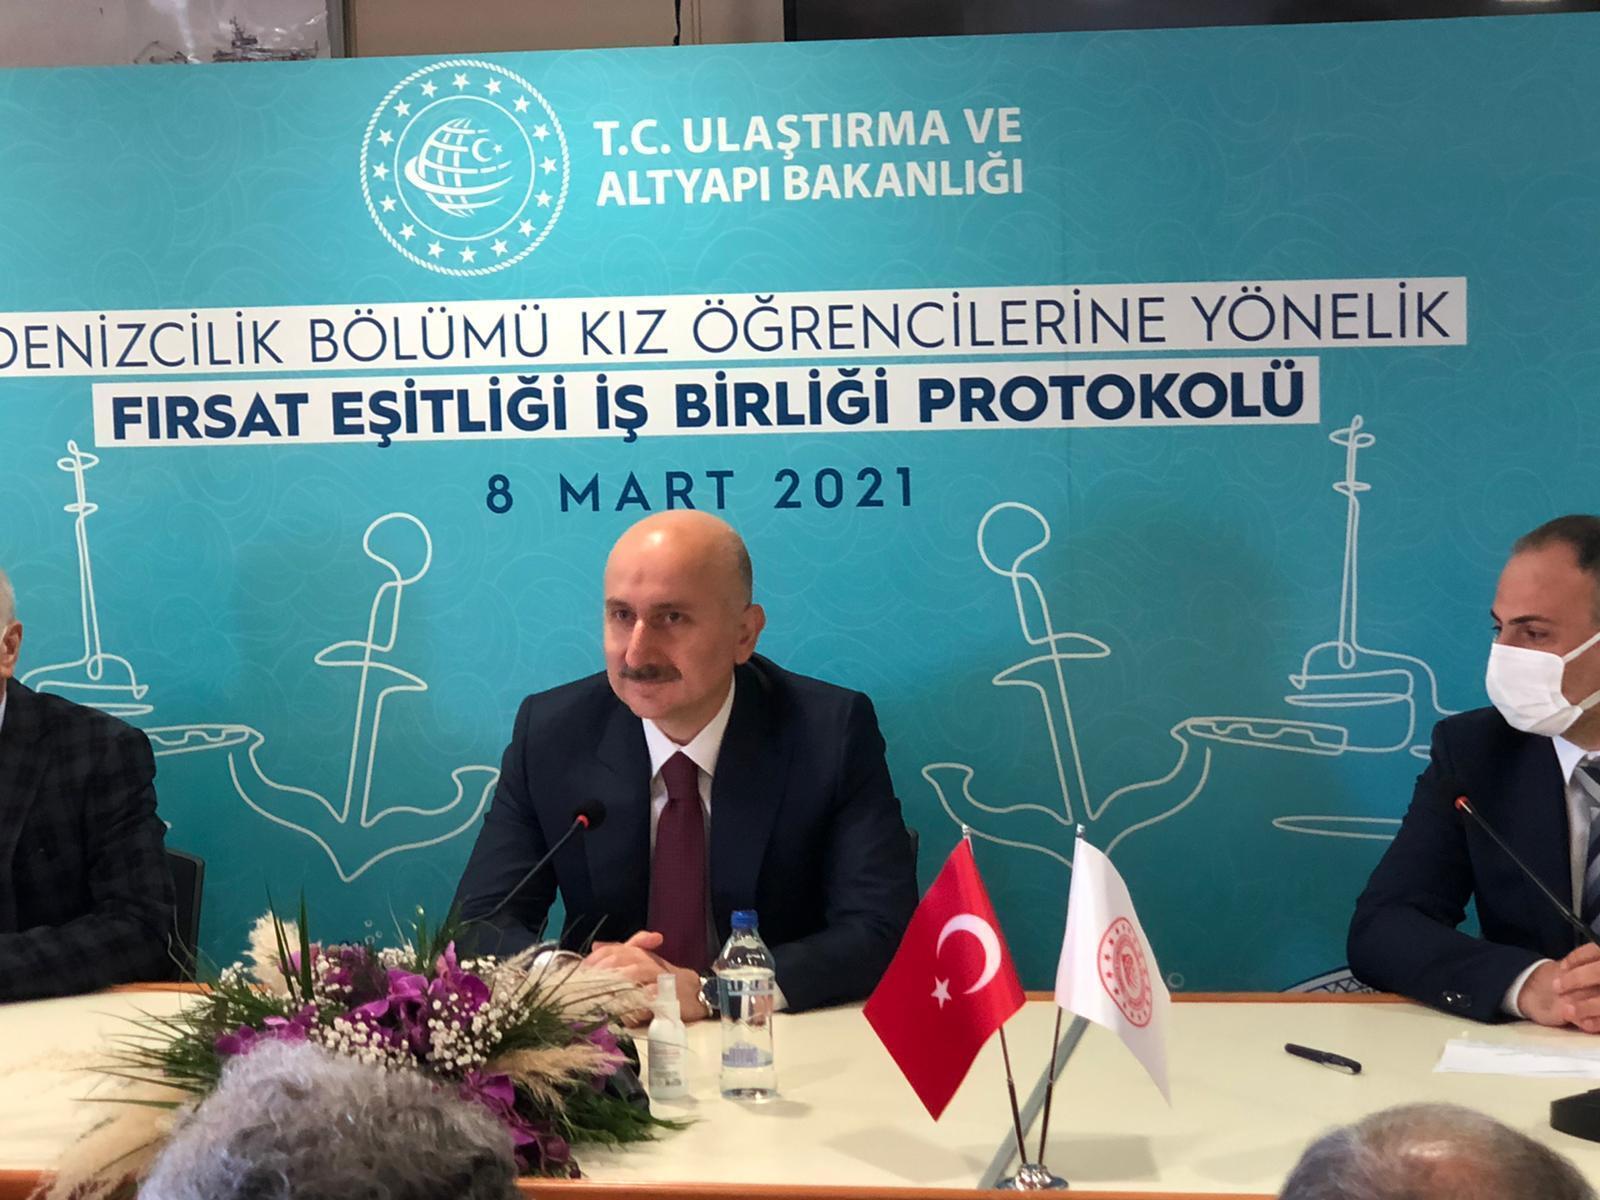 Bakan Karaismailoğlu: Türkiye büyük hedefleri olan ve her alanda geleceği parlak bir ülkedir